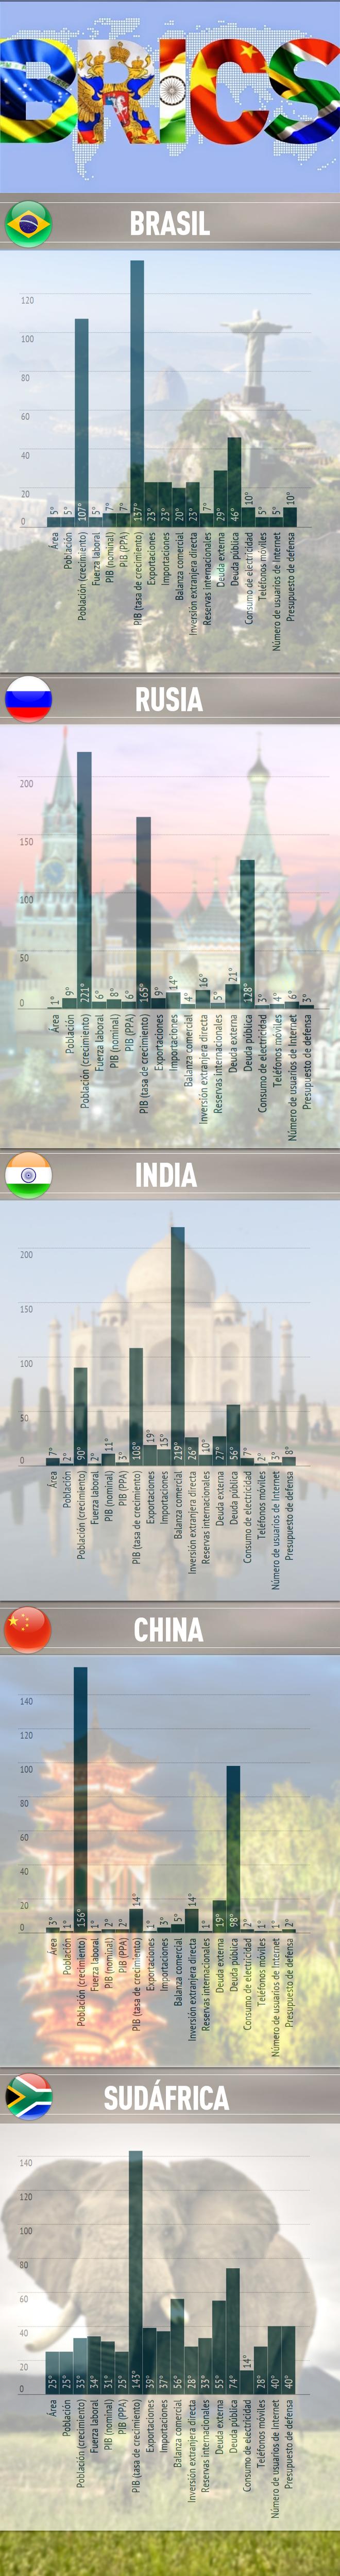 Los países de BRICS en números (su presencia en la arena global)